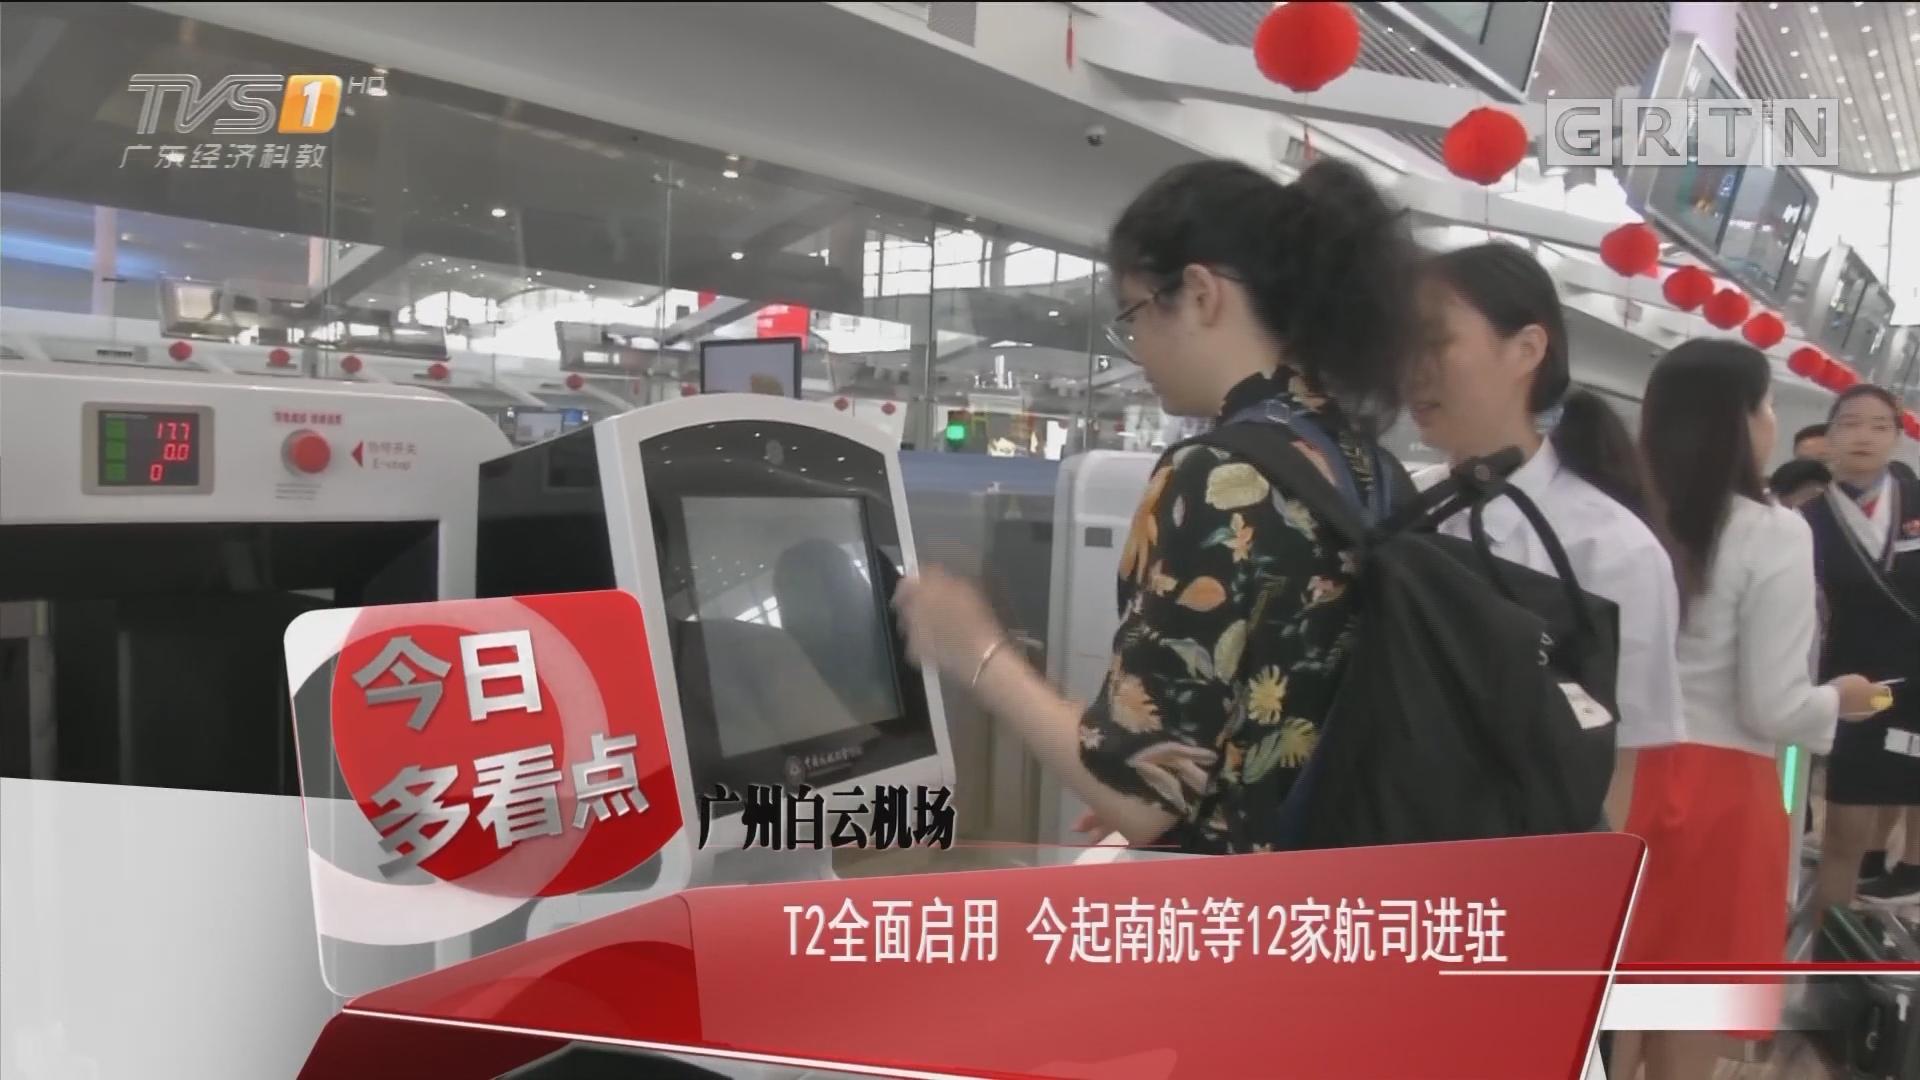 广州白云机场:T2全面启动 今起南航等12家航司进驻